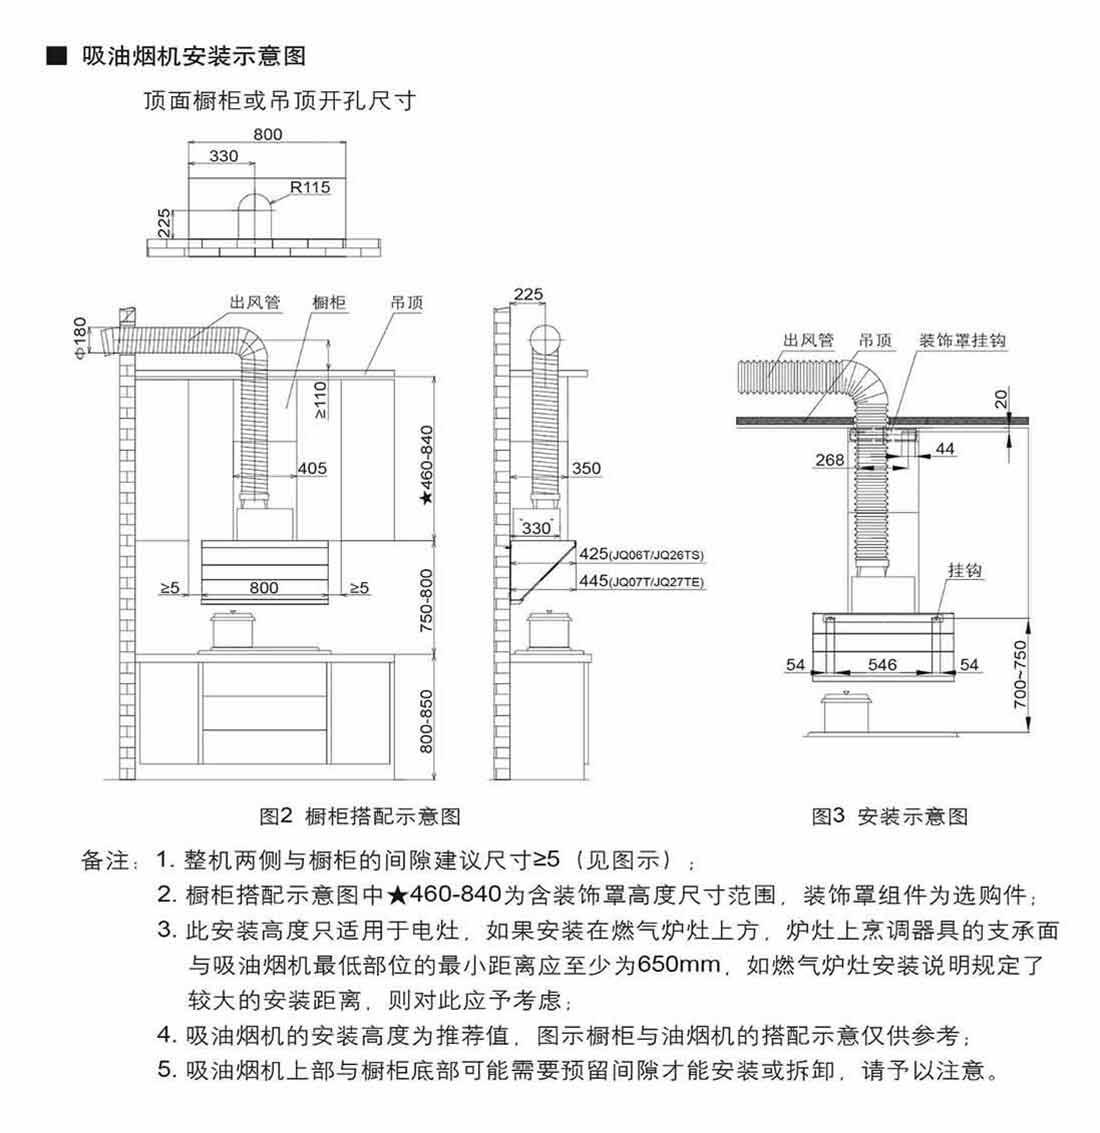 彩28彩票CXW-200-JQ26TS装置表示图